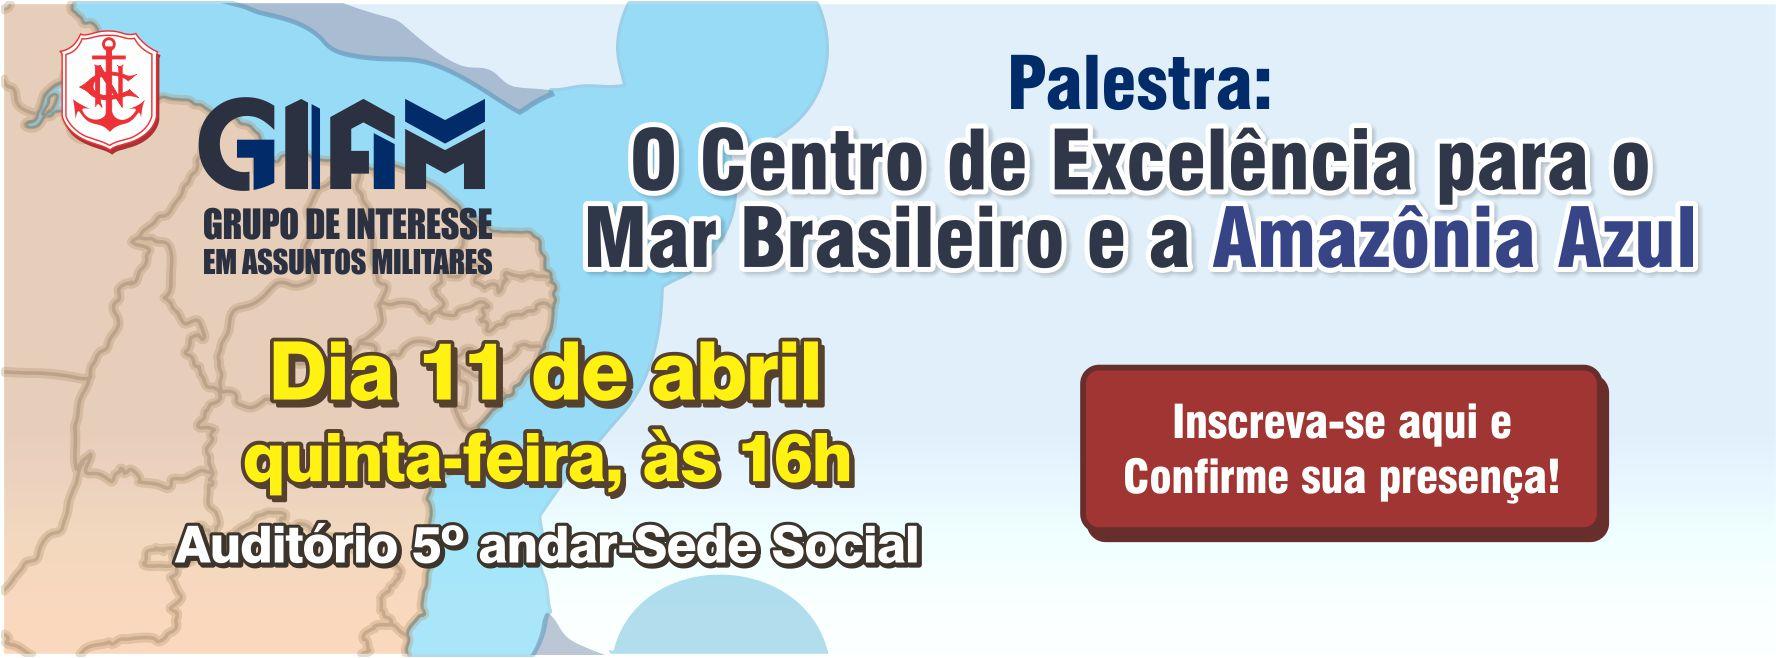 https://www.clubenaval.org.br/novo/giam-grupo-de-interesse-em-assuntos-militares